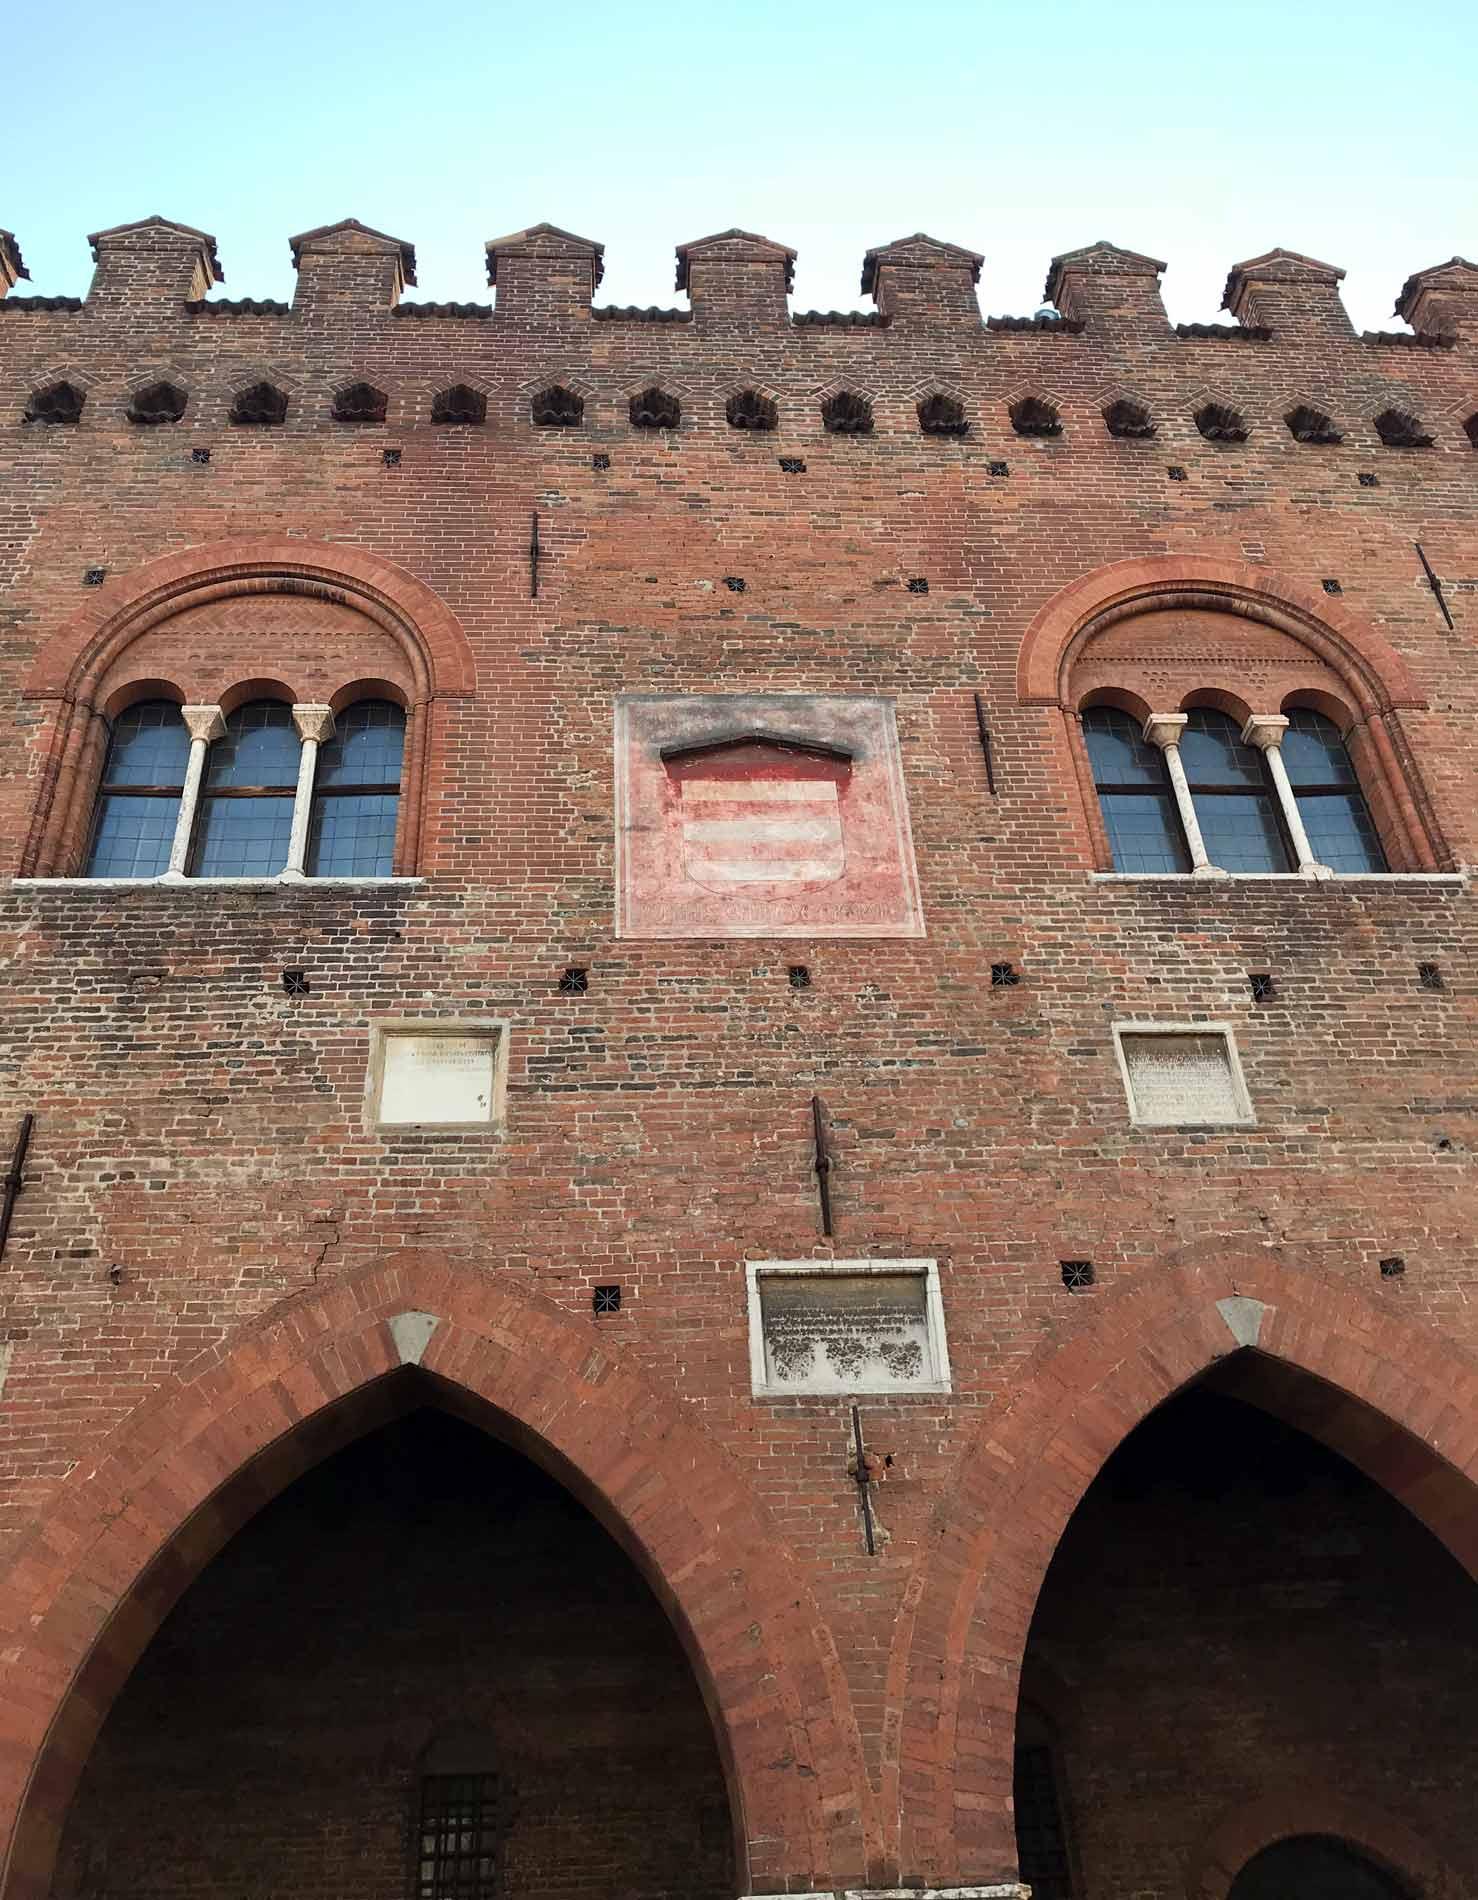 Palazzo-Cittanova-cremona-mattoni-archi-ogivali-portico-stile-medievale